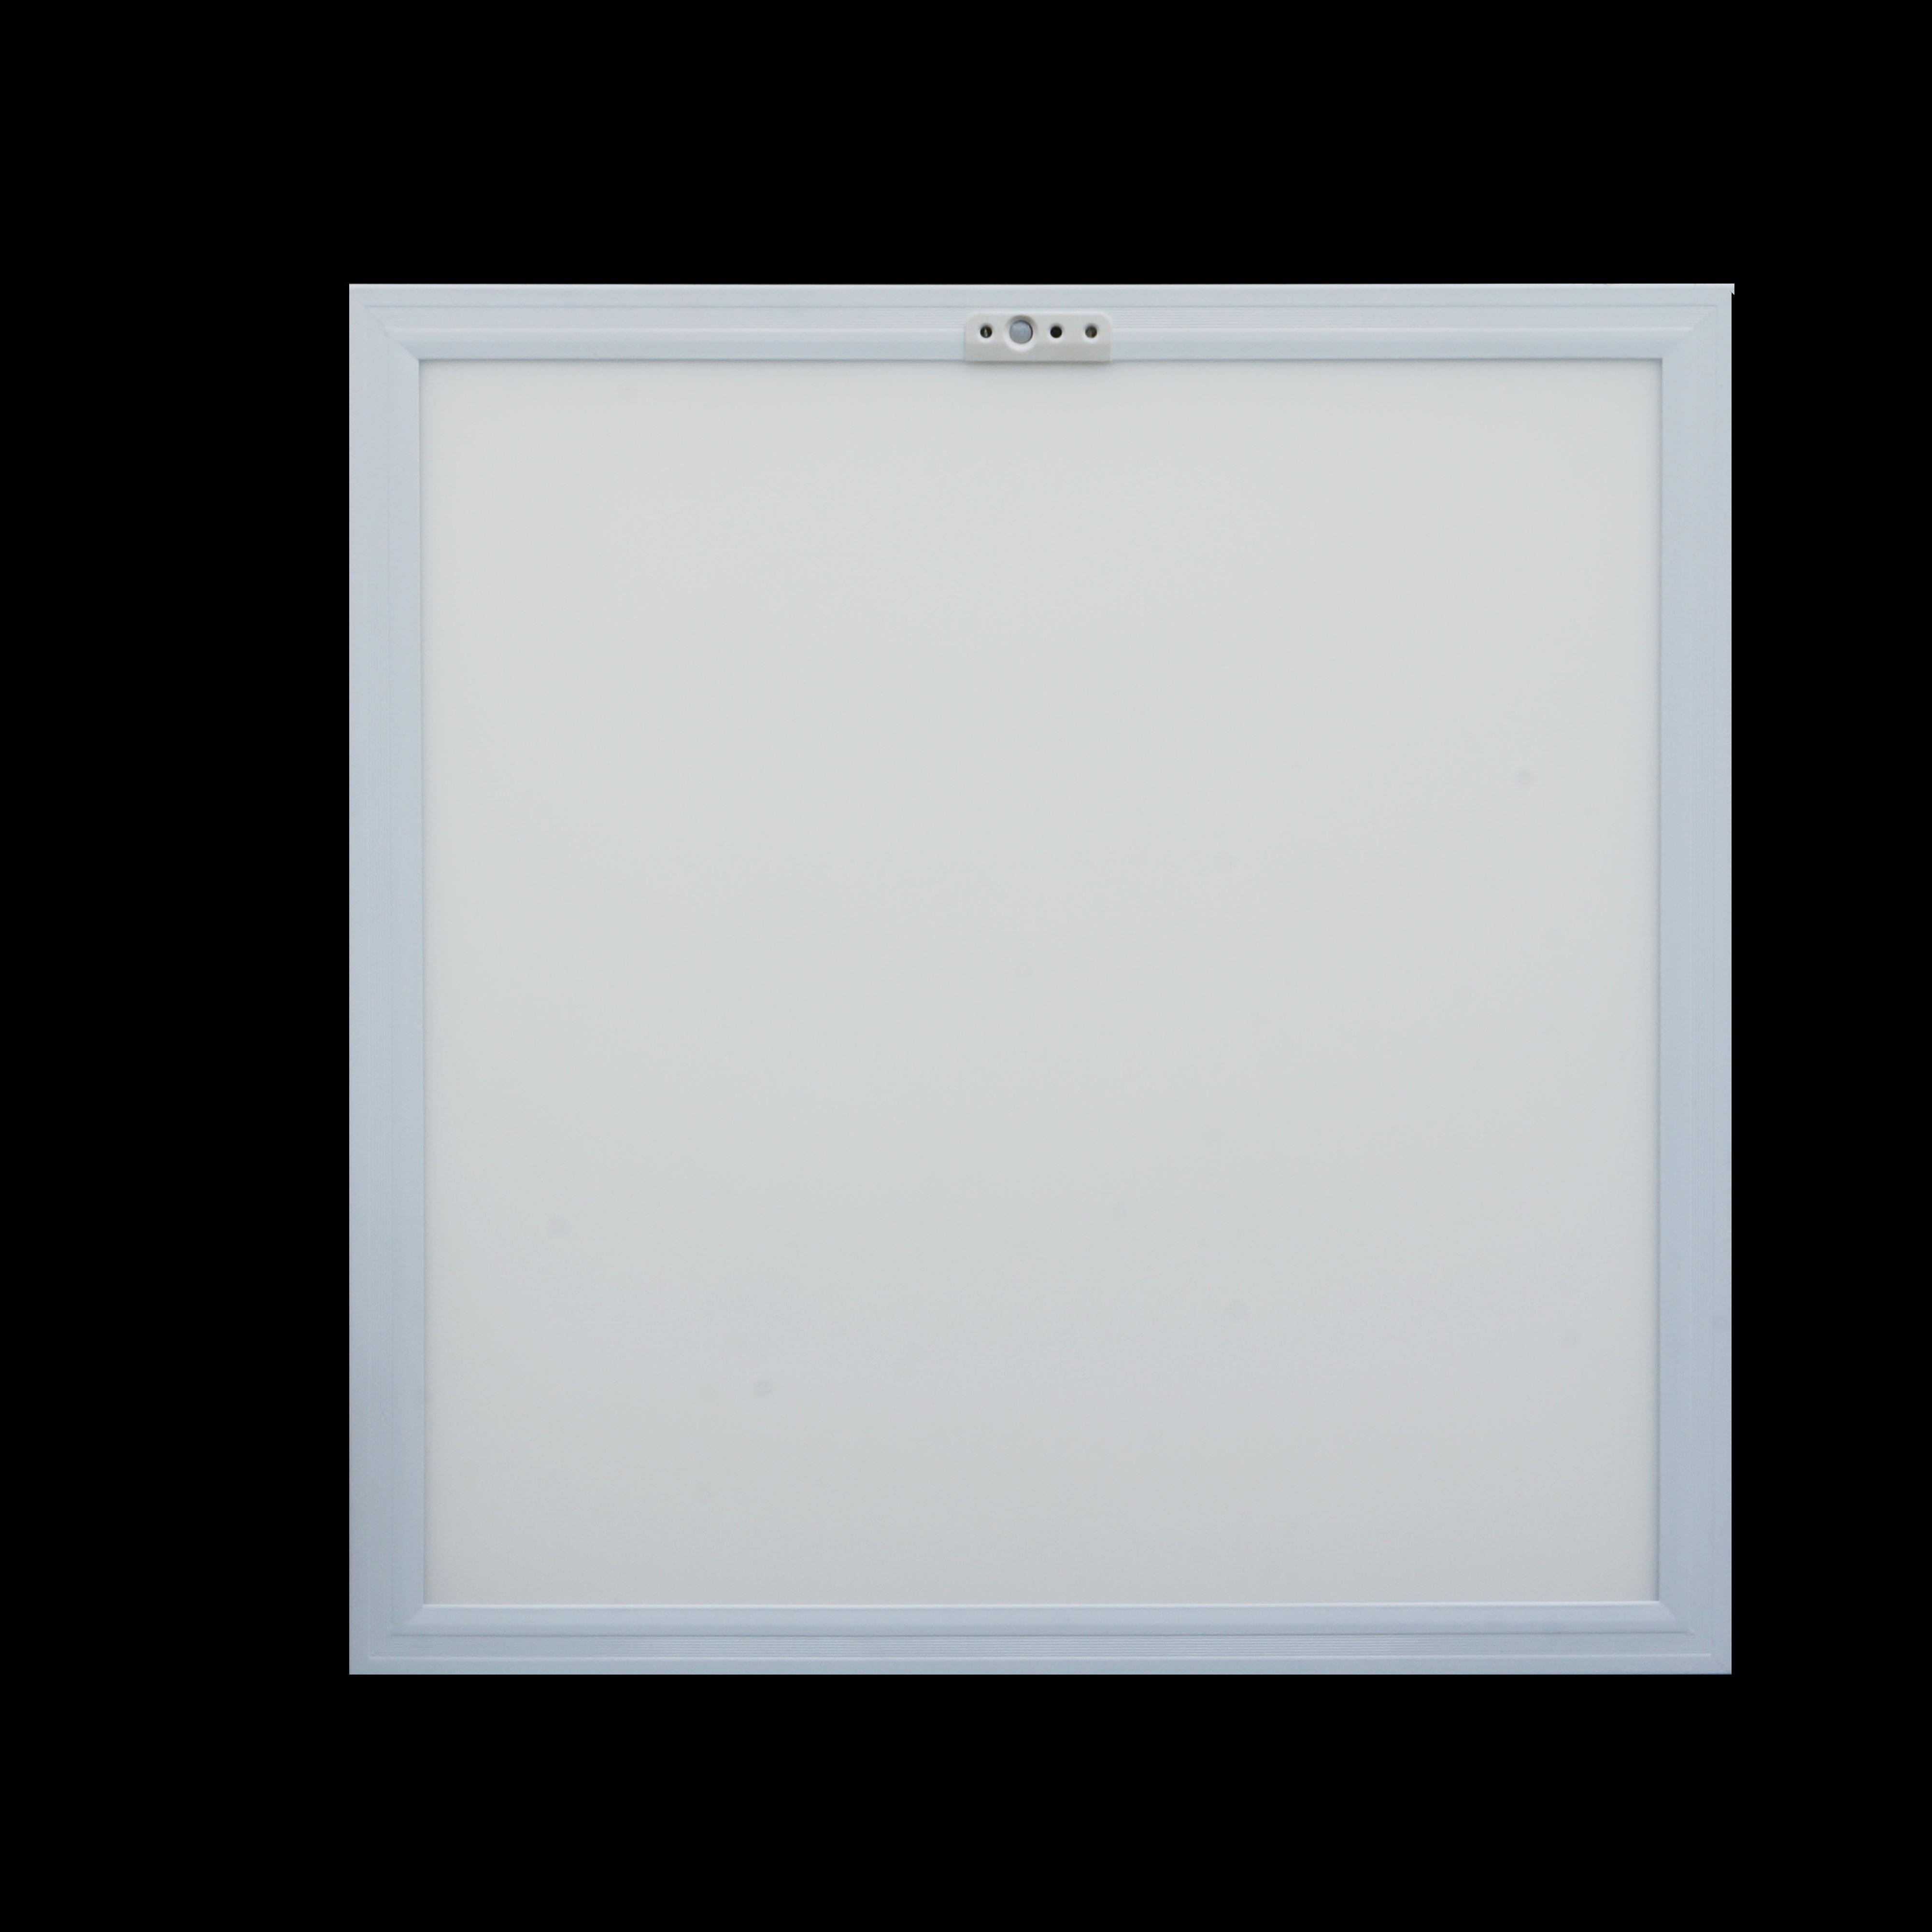 600*600,300*1200 commercial office smart sensor led panel light